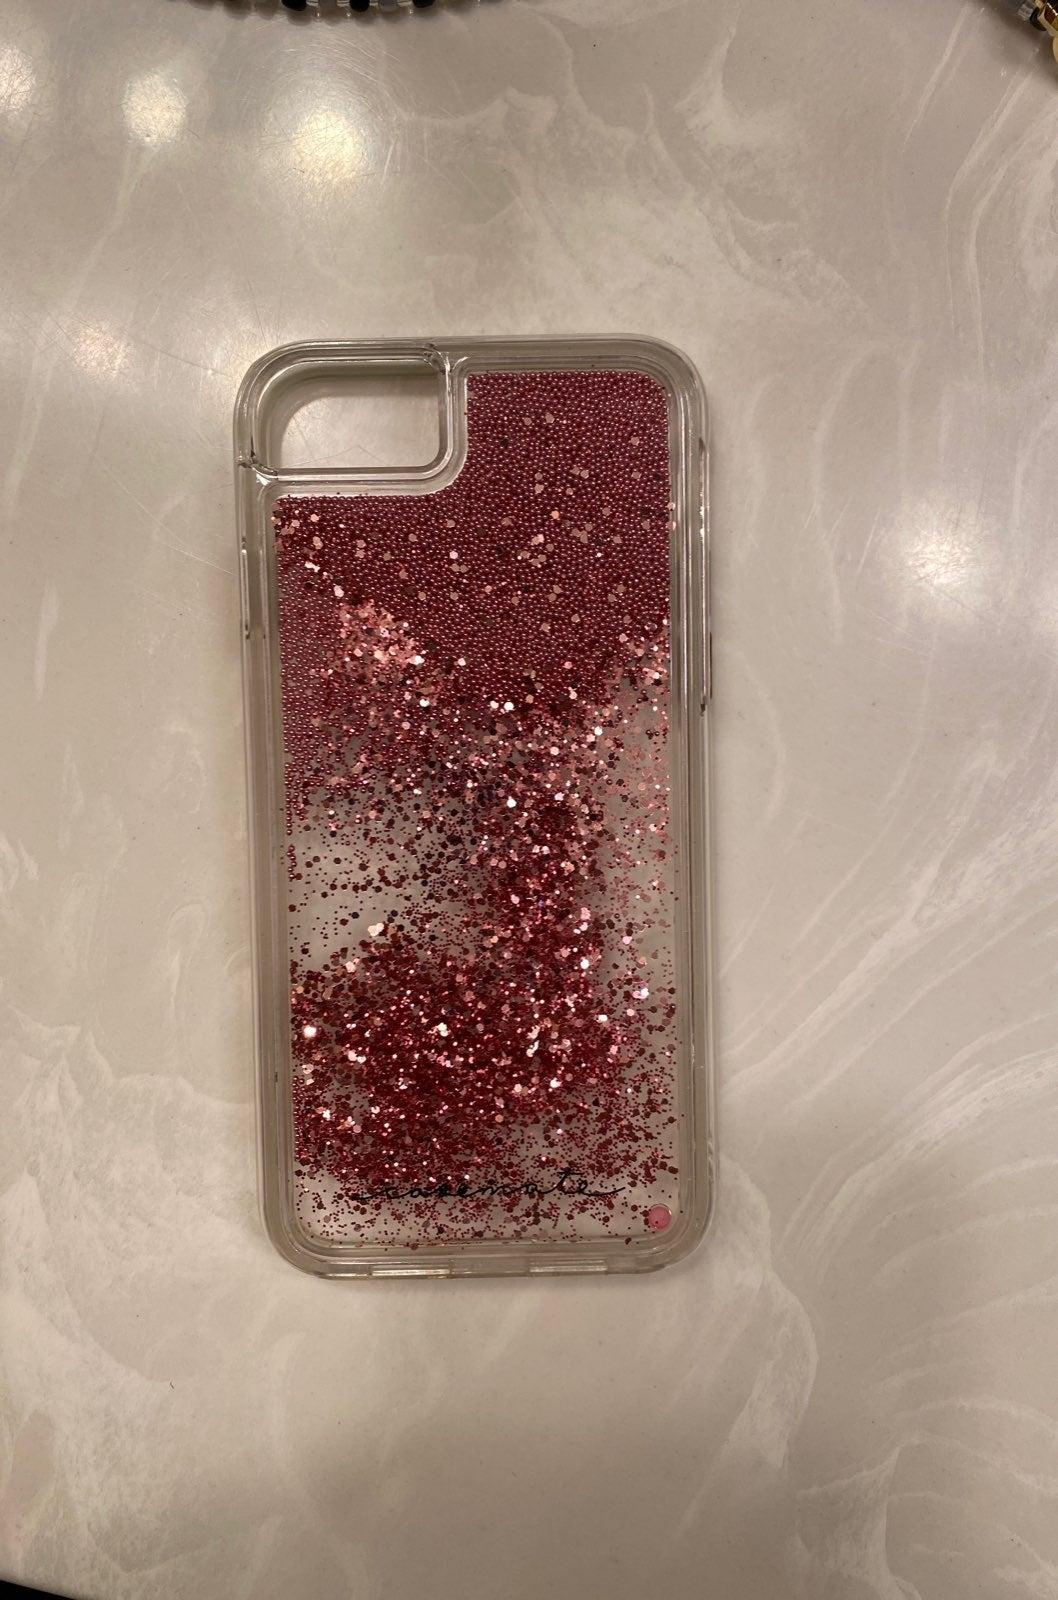 Casemate iPhone 7 case